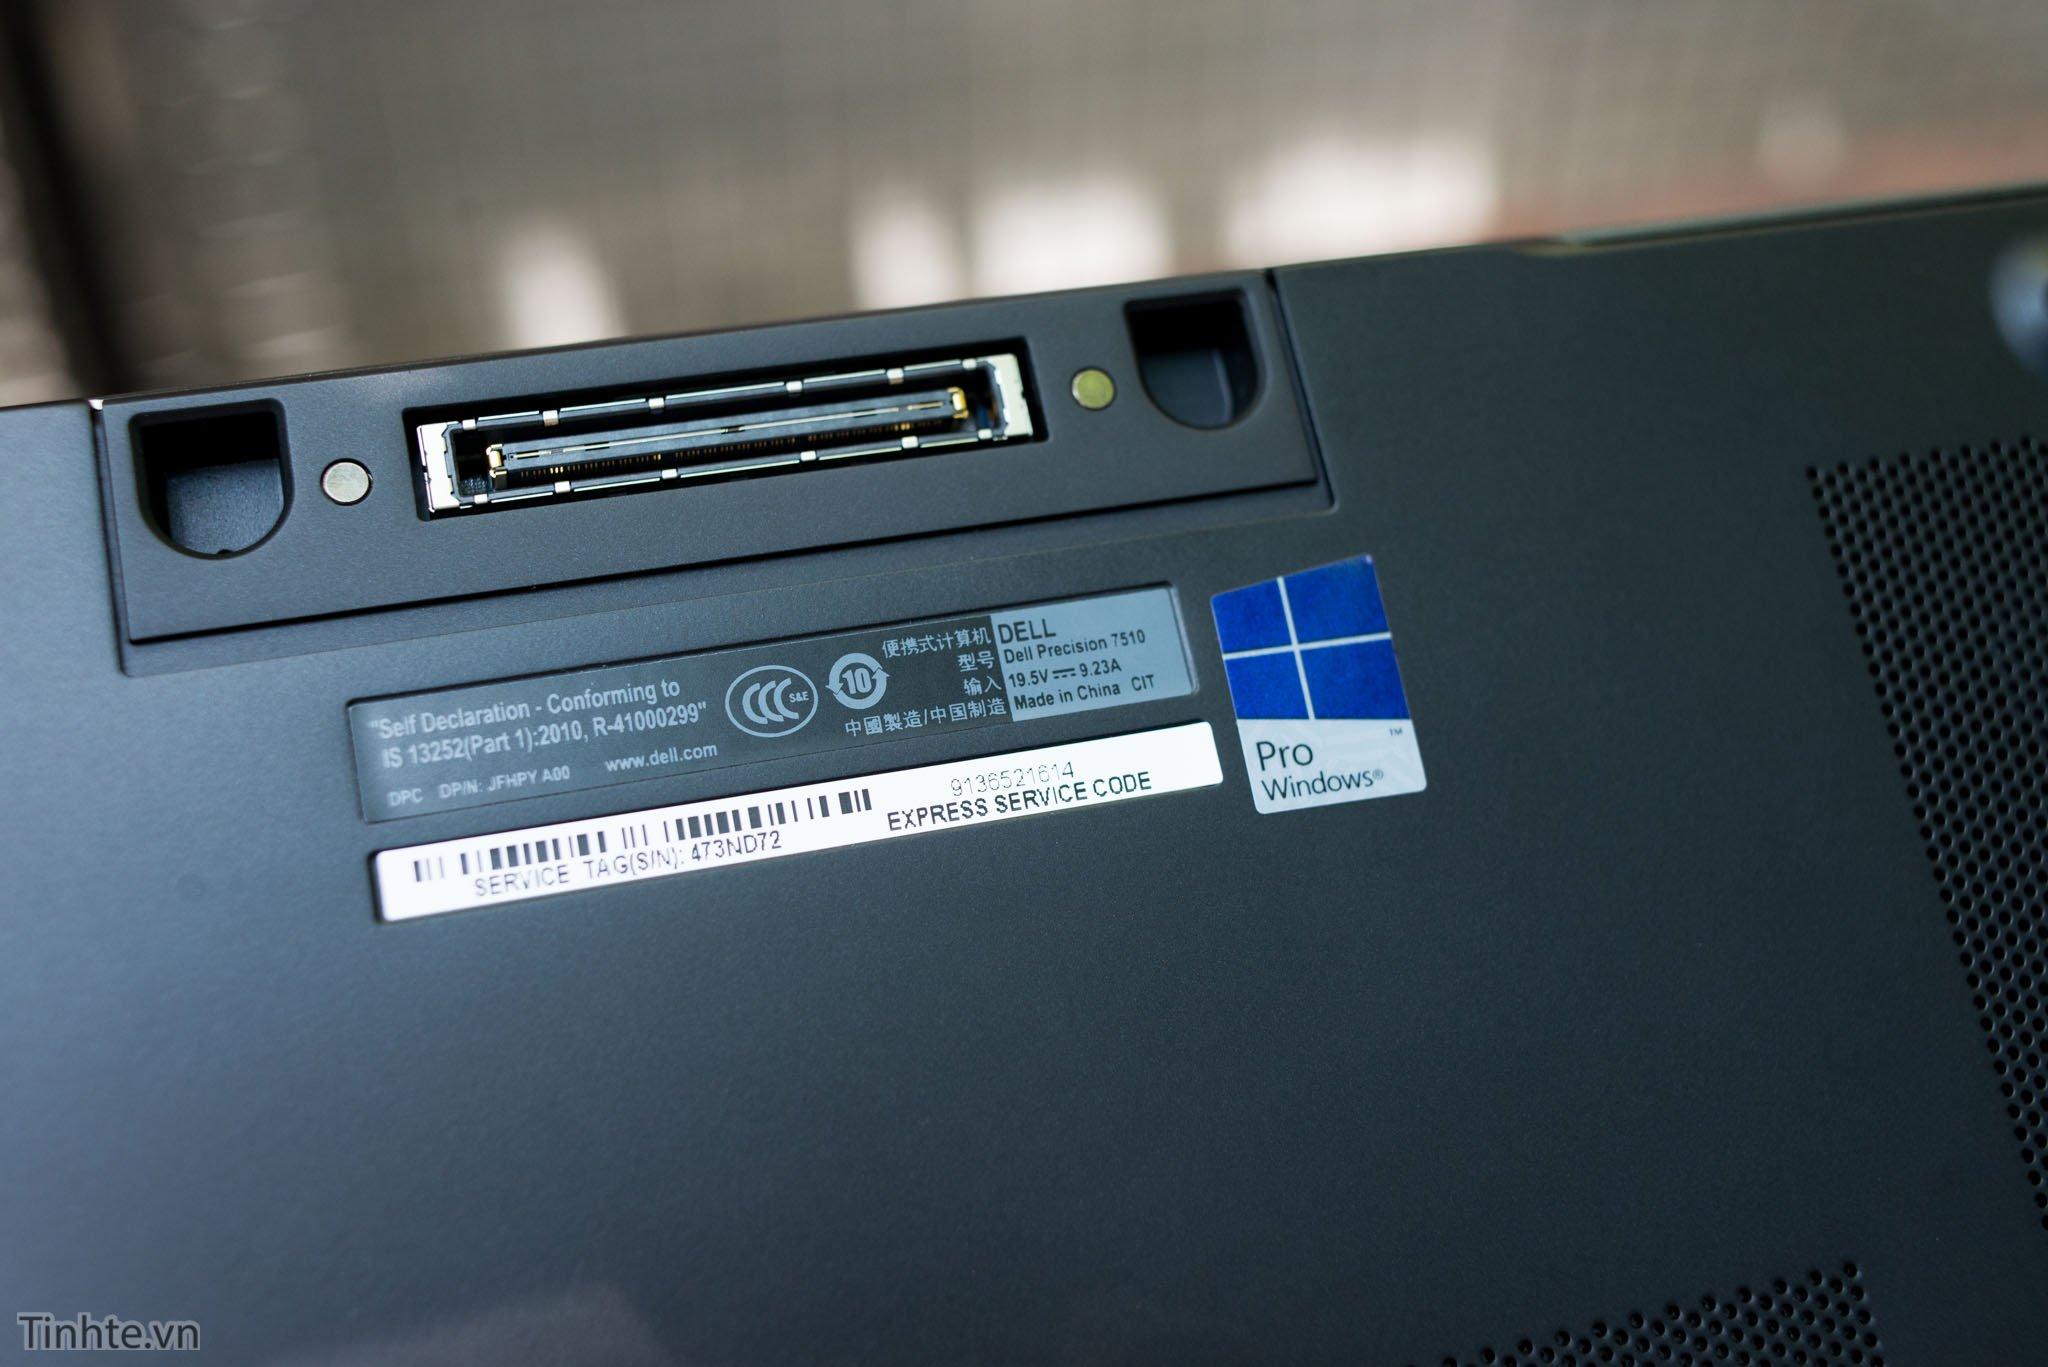 Đang tải Dell 7510_tinhte.vn 7.jpg…